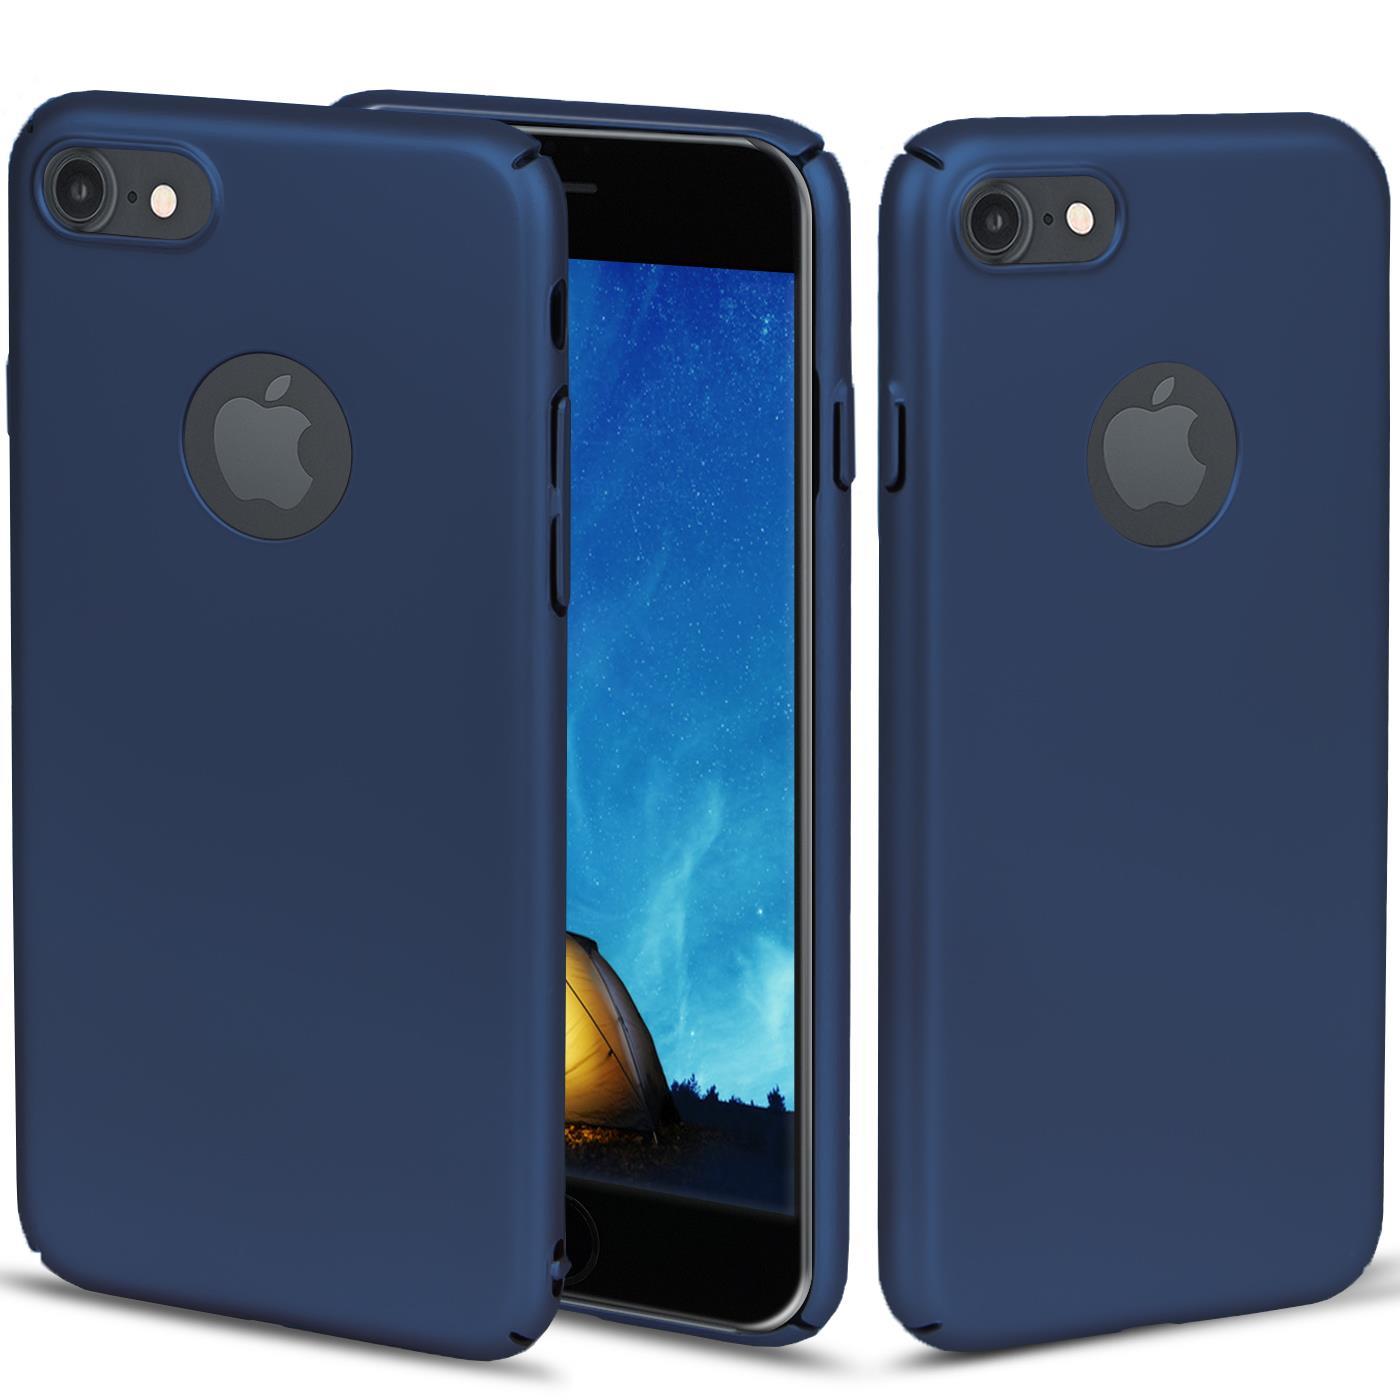 Slim-Cover-Schutzhuelle-Apple-iPhone-Handy-Schutz-Tasche-Huelle-Glas-Panzer-Folie Indexbild 19